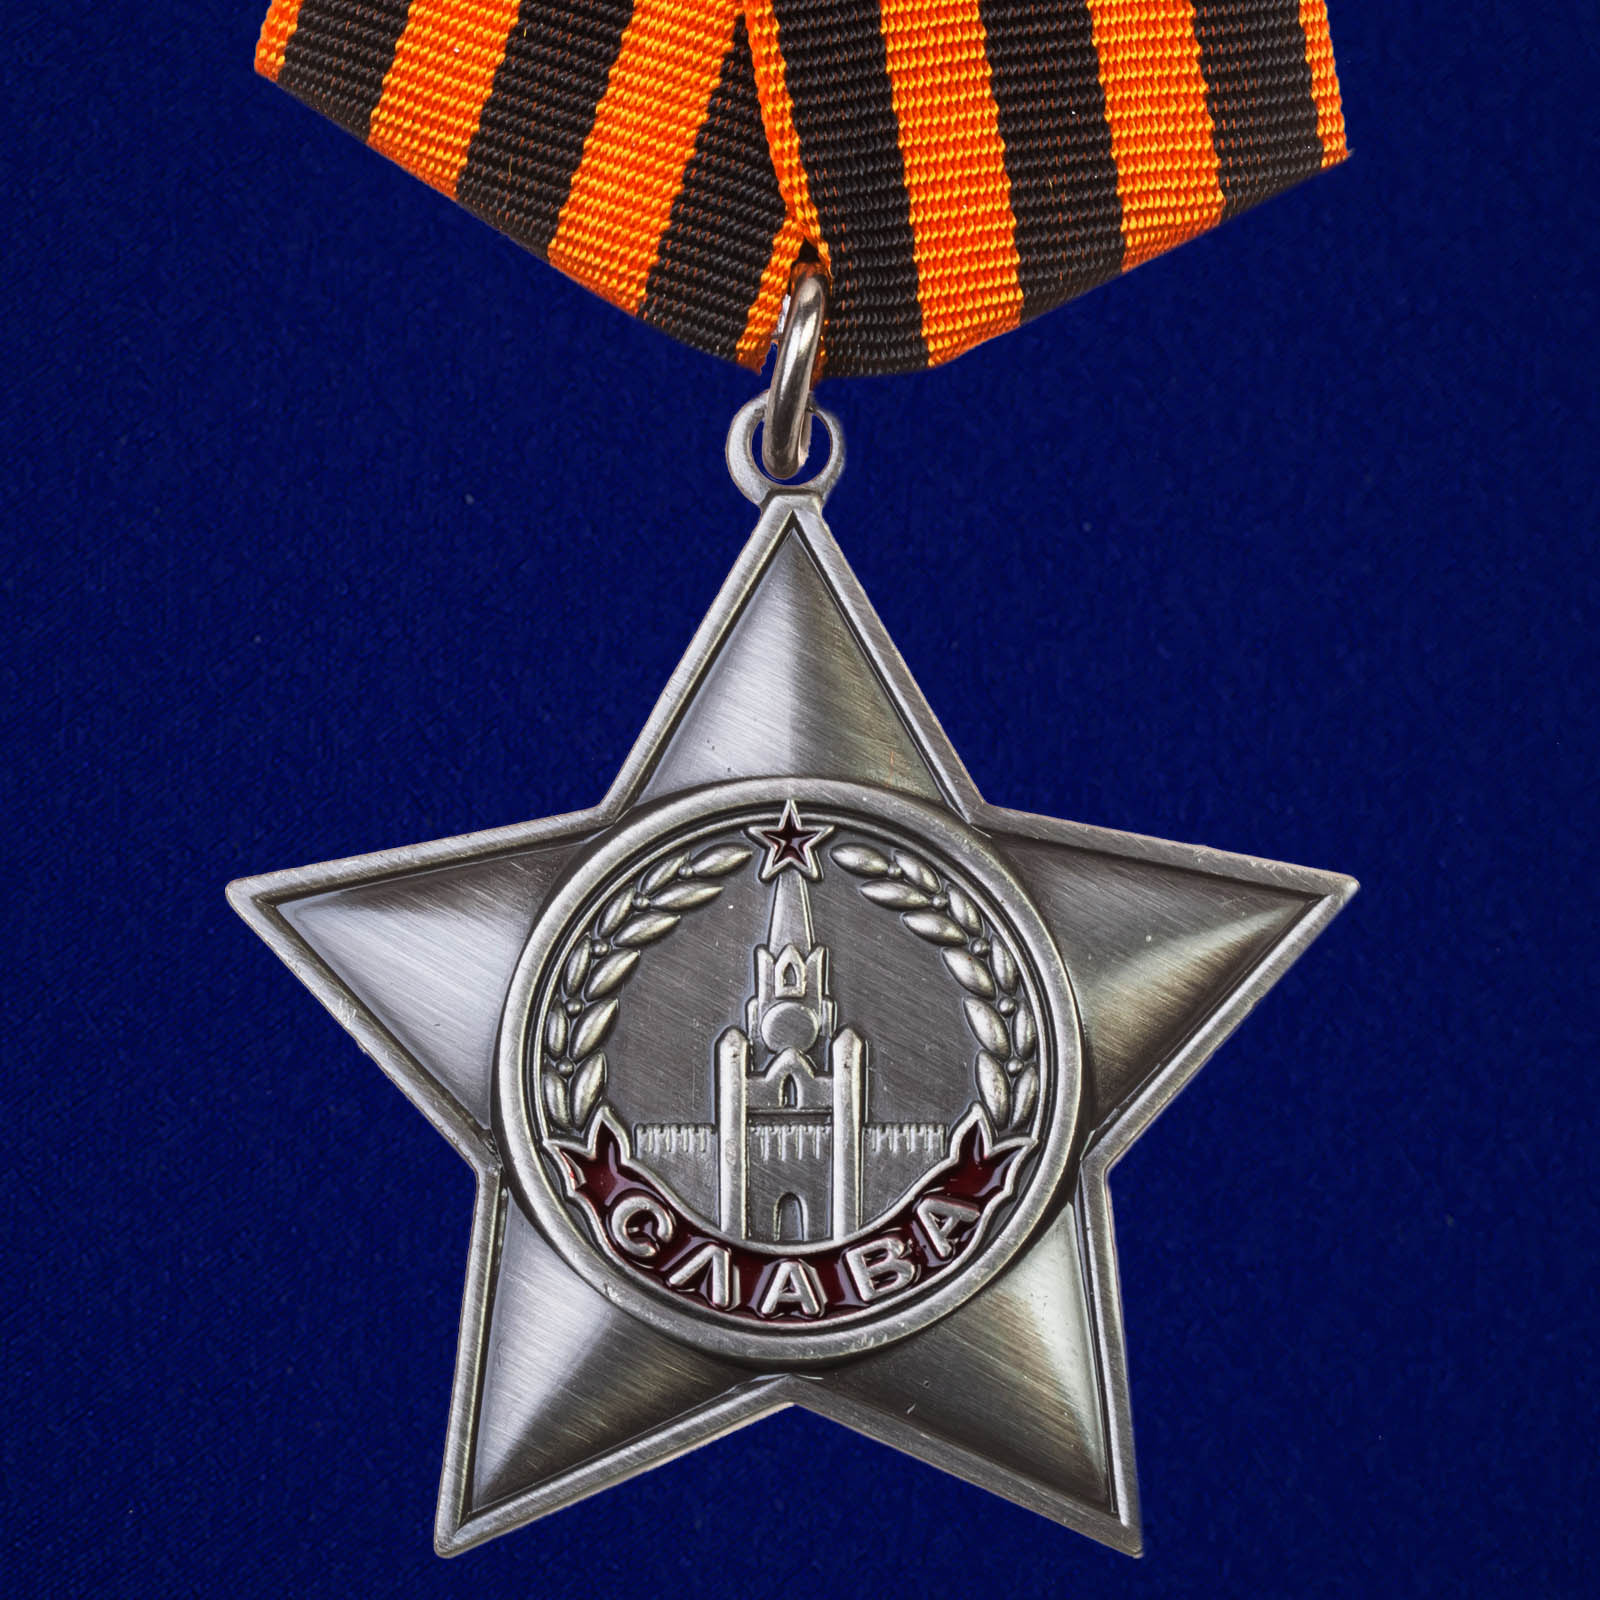 Купить орден Славы 3 степени на подставке по лучшей цене